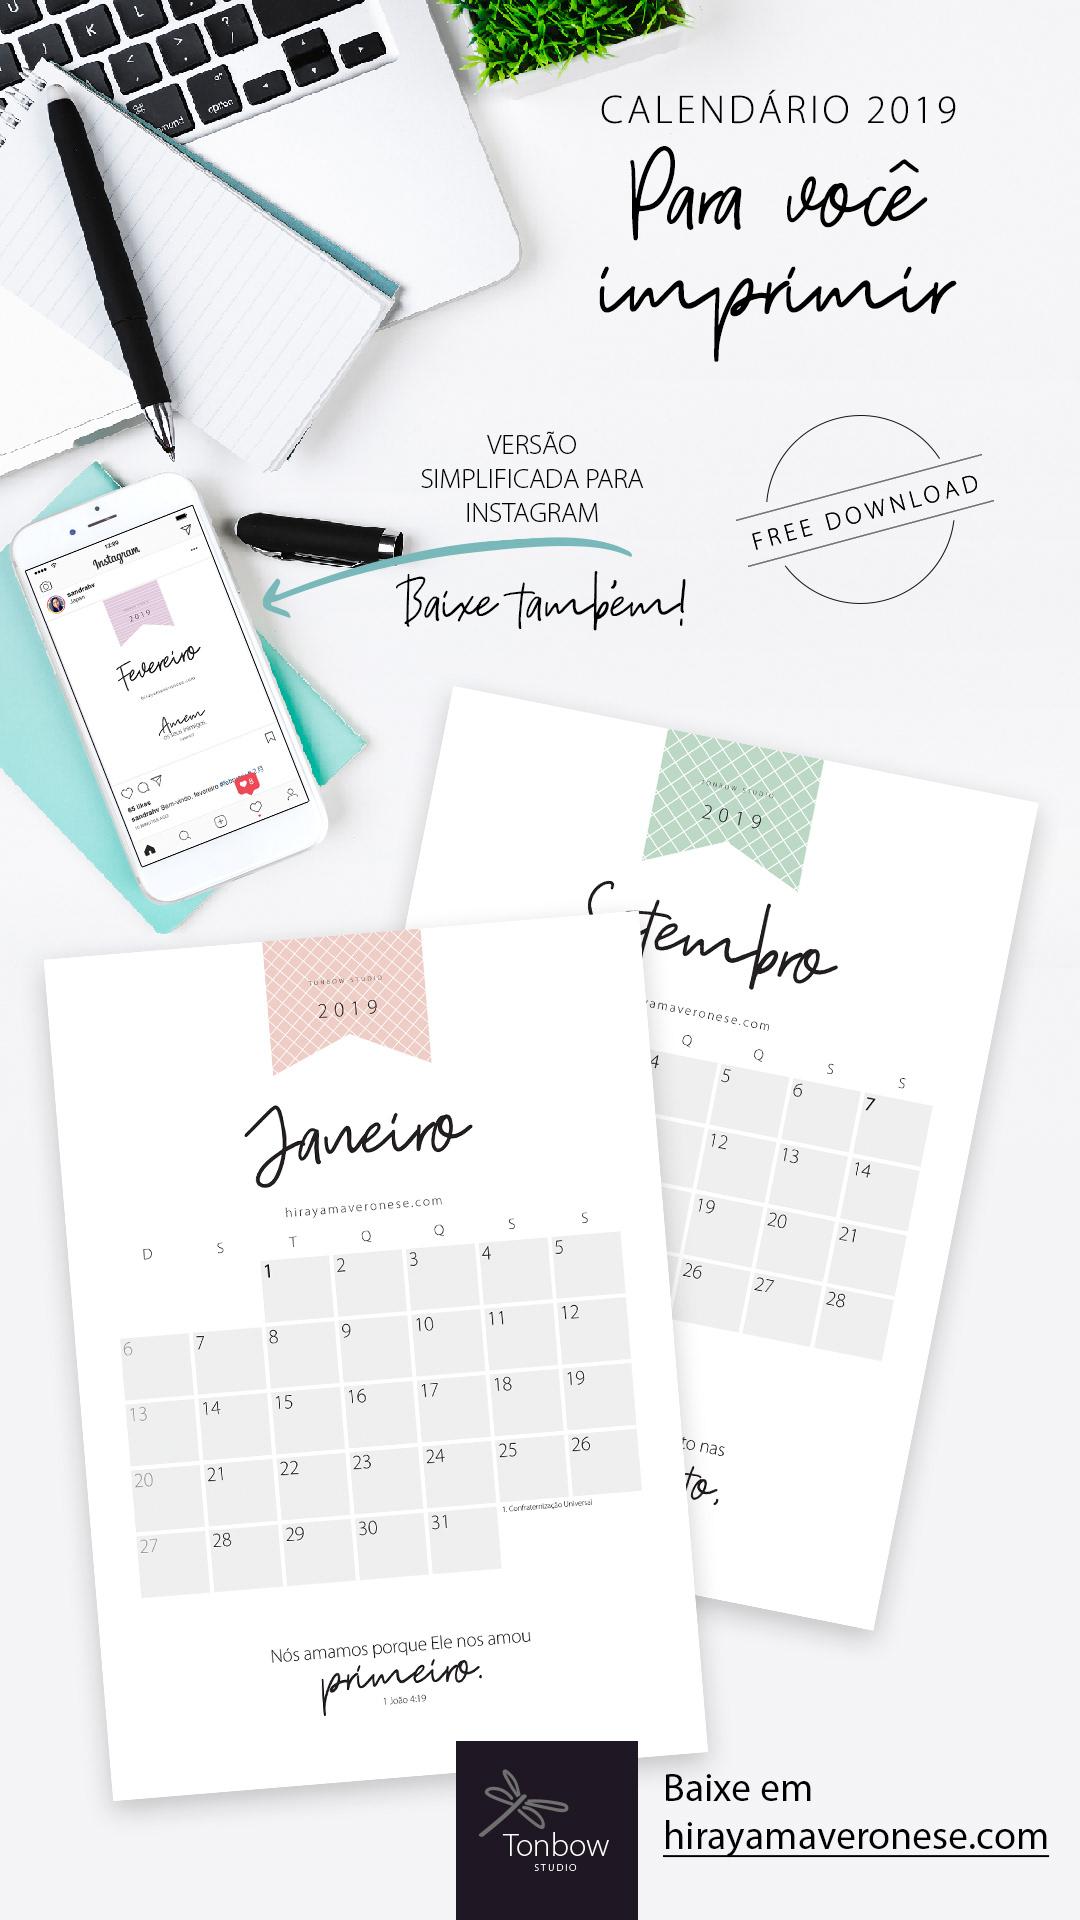 Calendario Free.Calendario 2019 Free Download On Behance